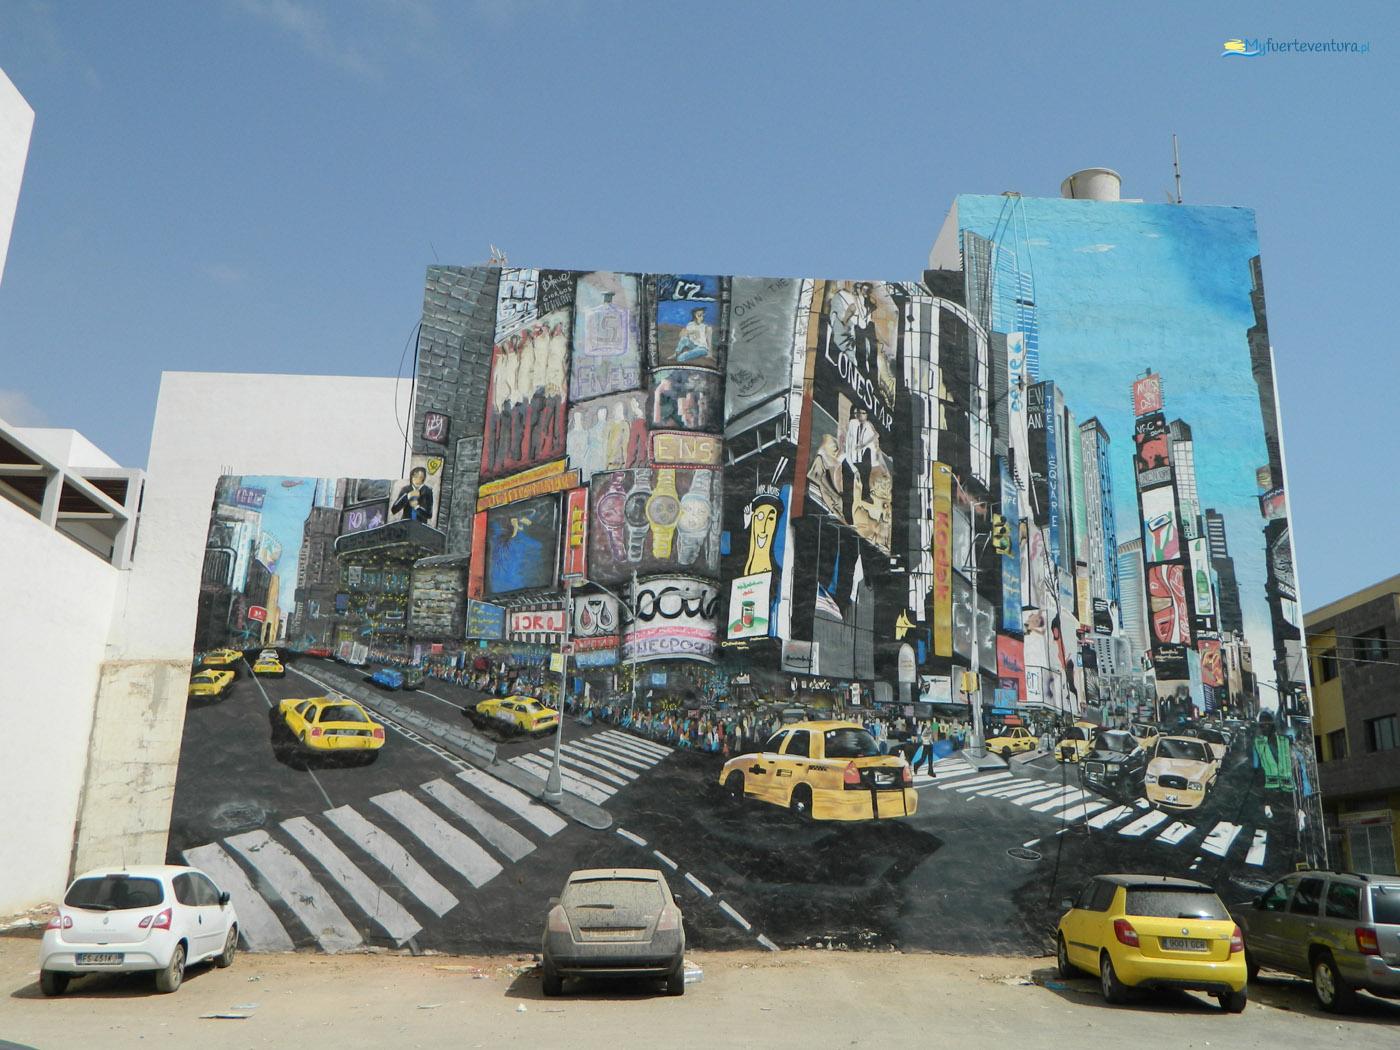 Puerto del Rosario - mural